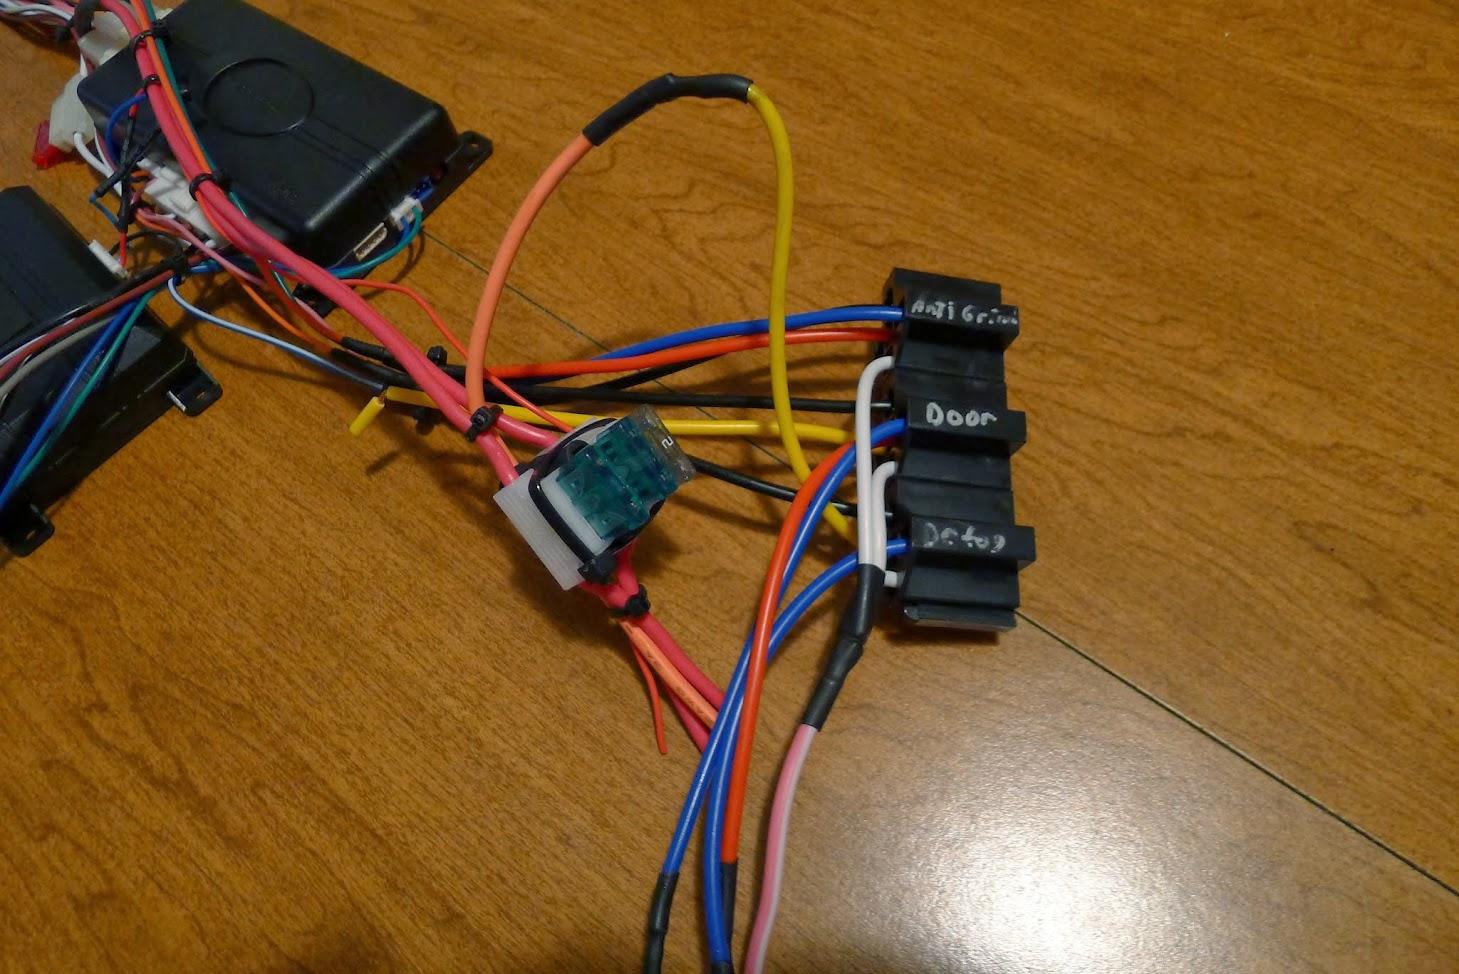 Toyota Rav4 Wiring Diagram Stereo : Toyota rav wiring diagram starter electrical wiring diagrams